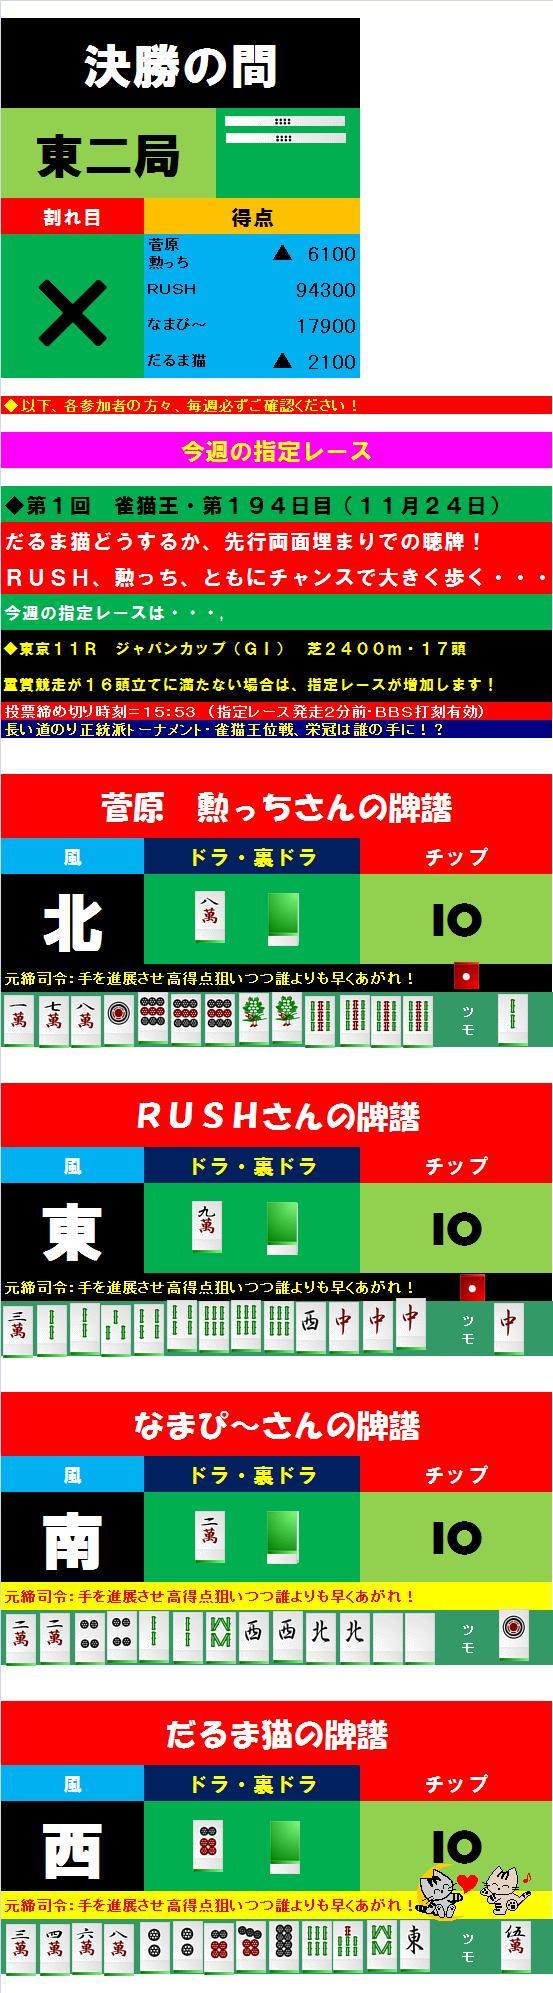 20131123・決勝牌譜.jpg